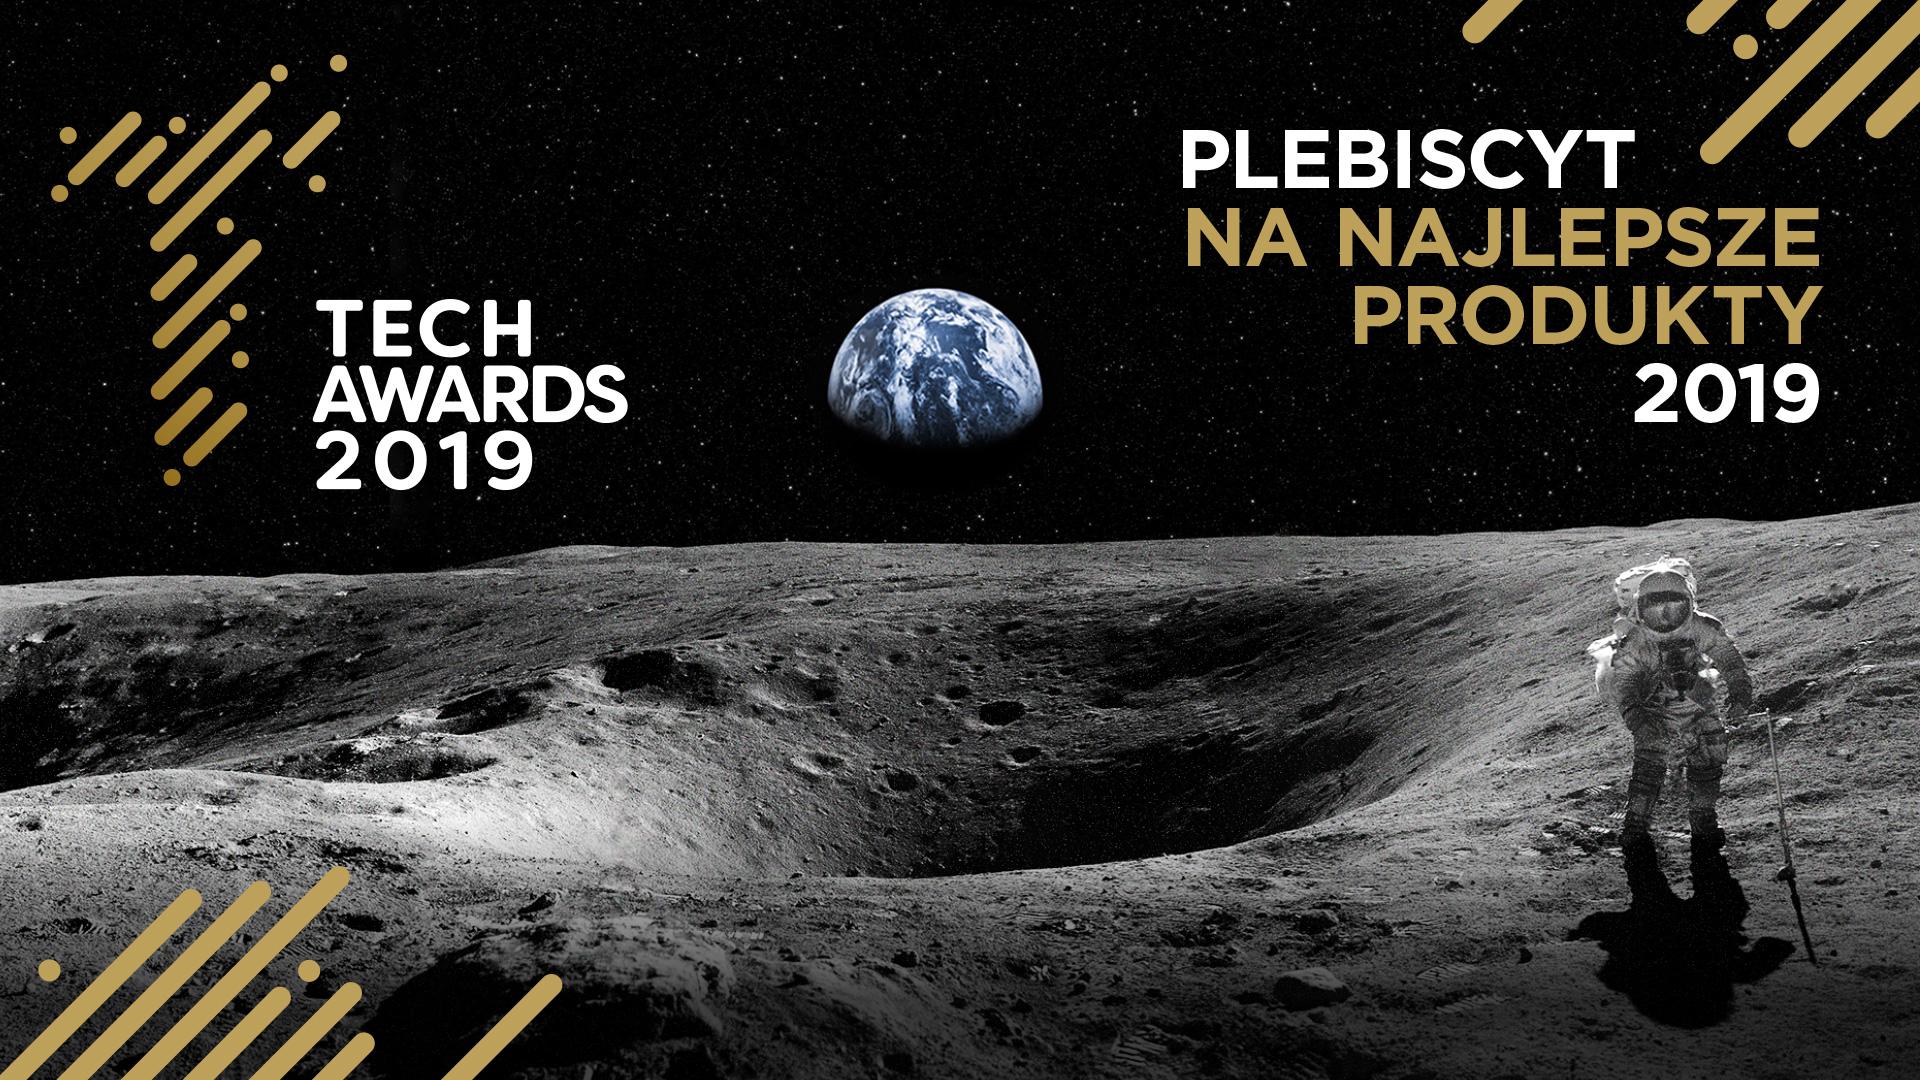 Tech Awards 2019 - Audio kategoriako produktu onenen aldeko botoa